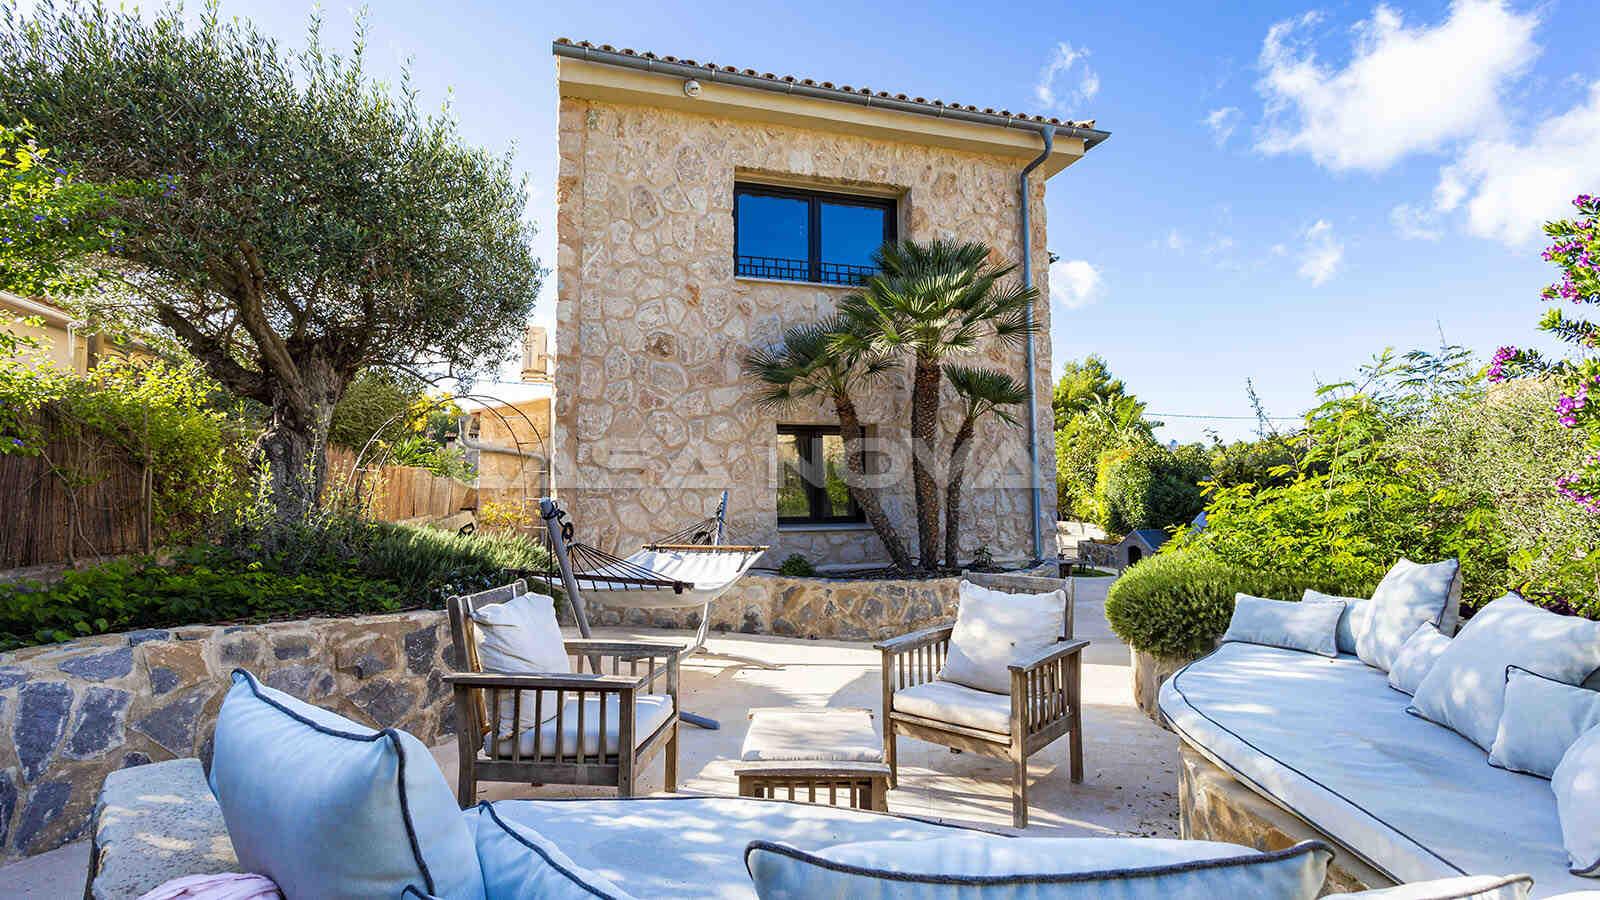 Mediterrane Villa Mallorca mit Natursteinelementen